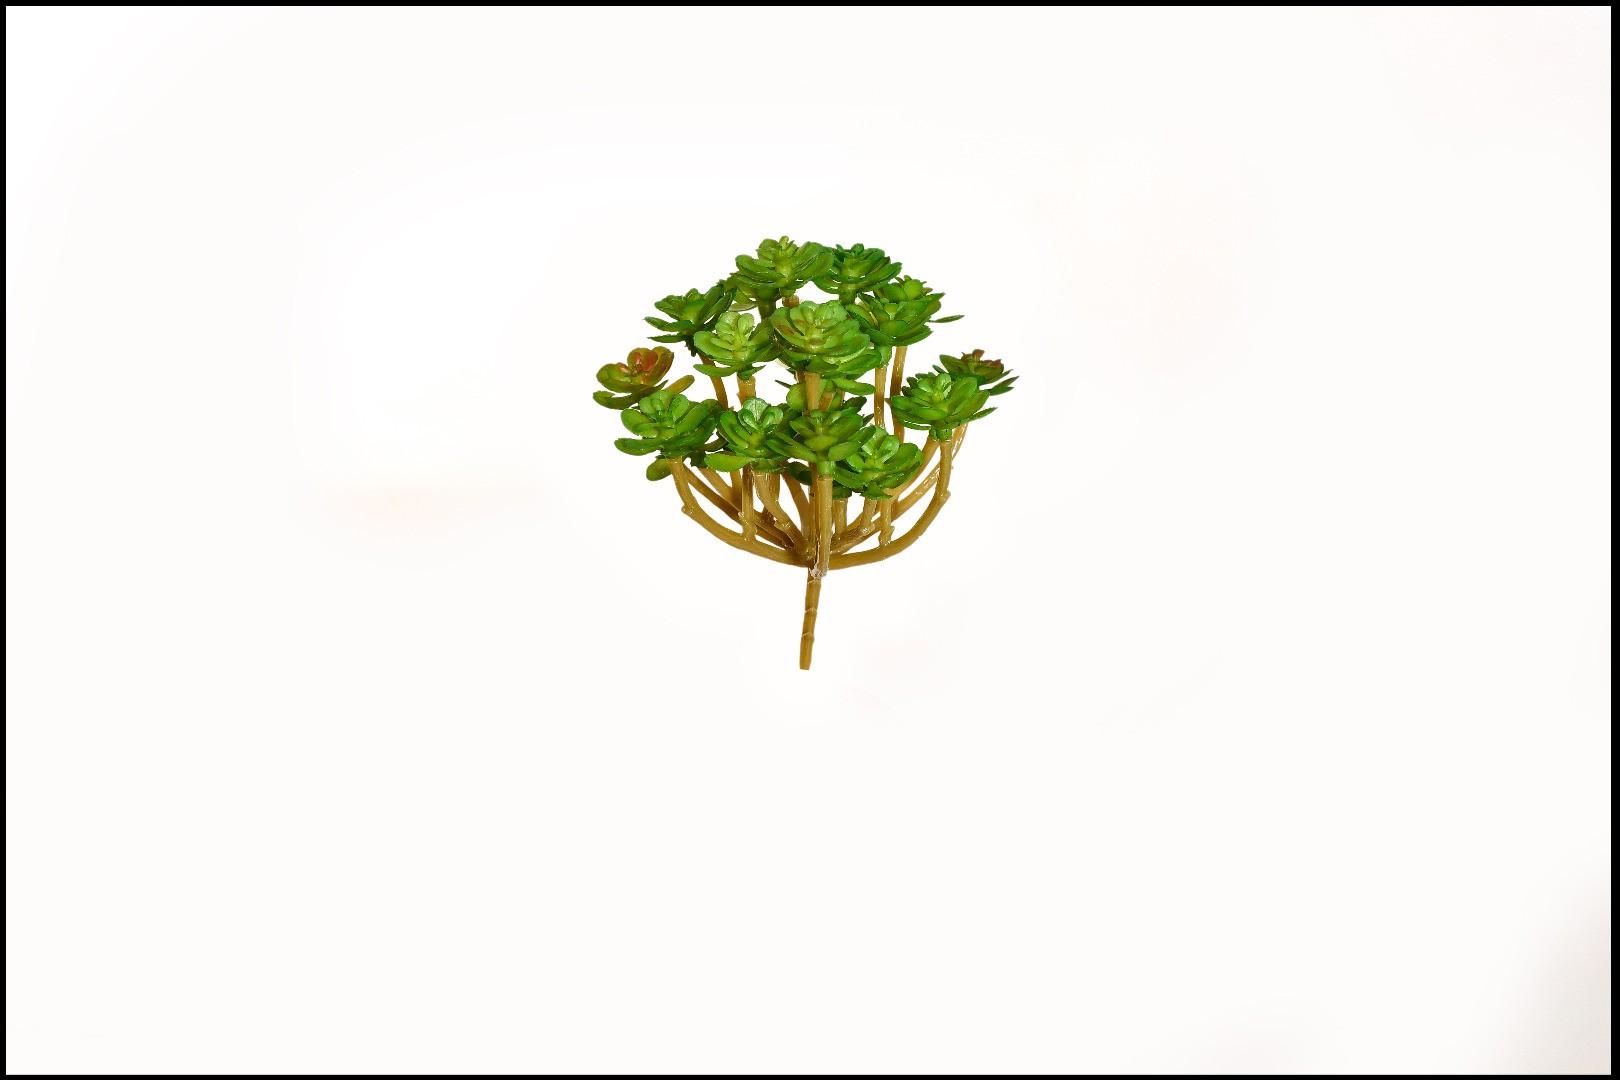 1745 - Cactus